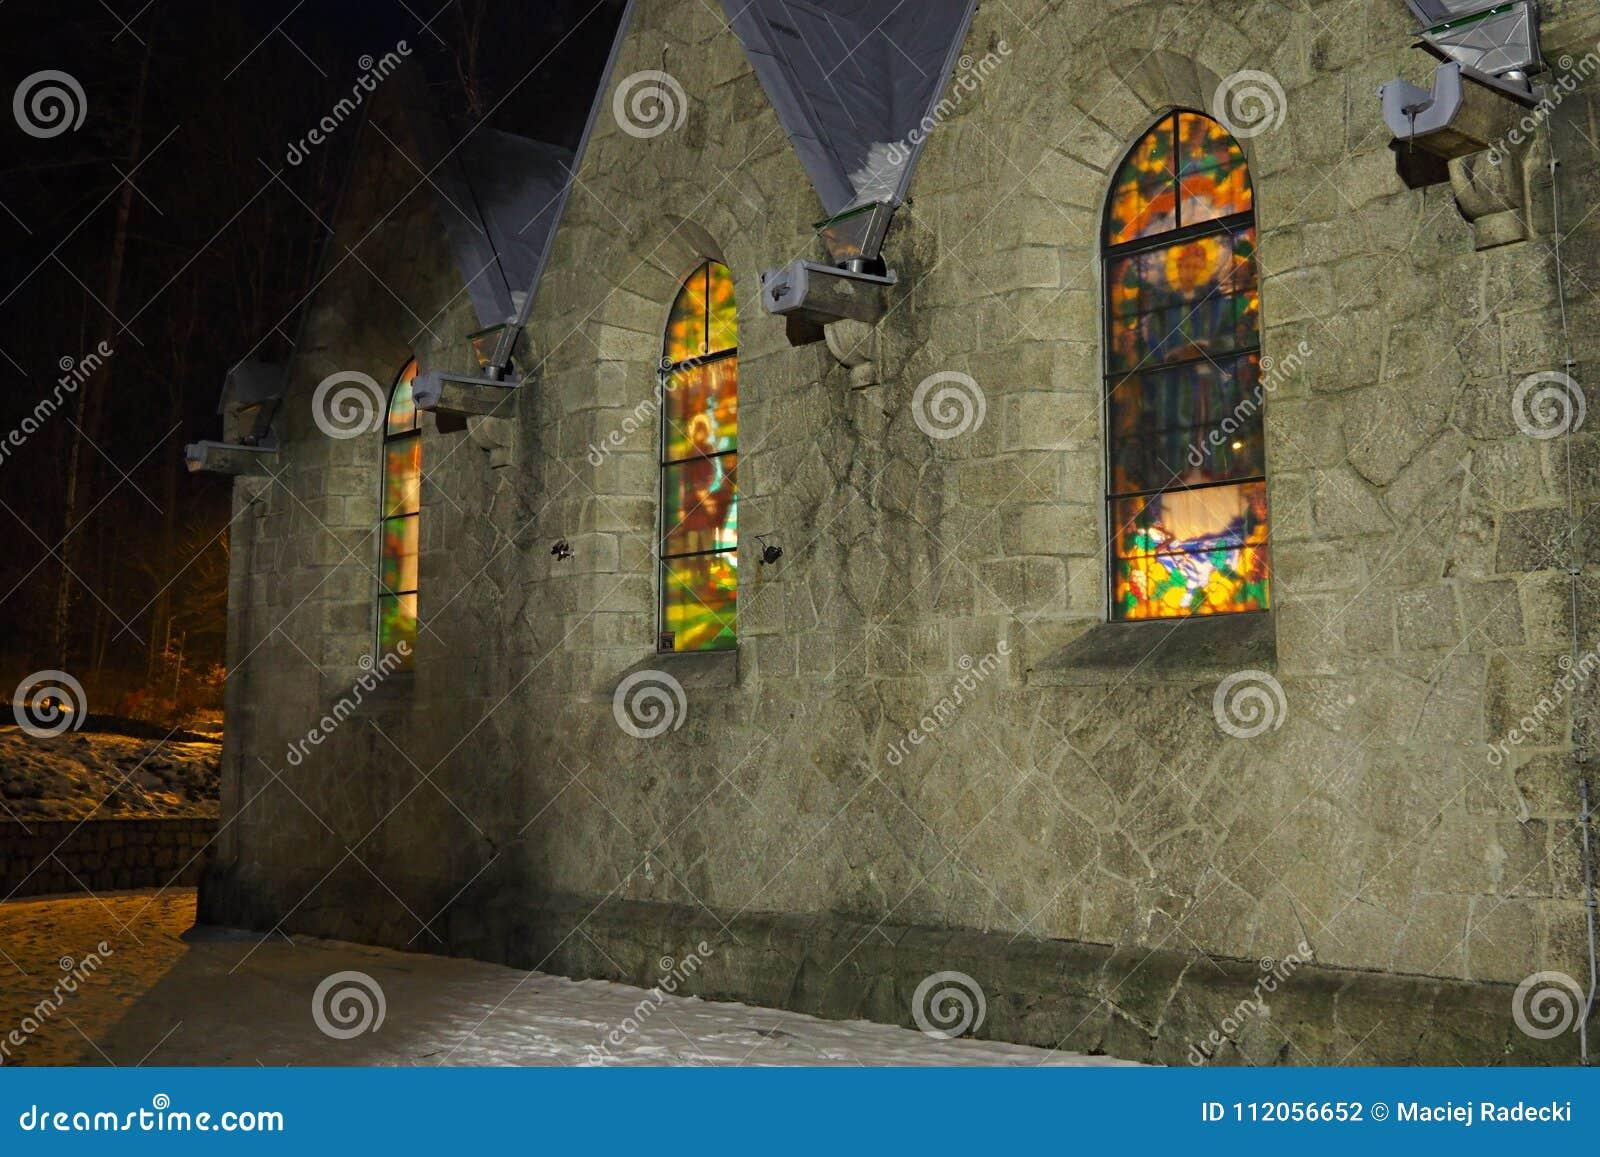 The Sower stained glass window by Louis C. Tiffany Studio ... |Stone Glass Window